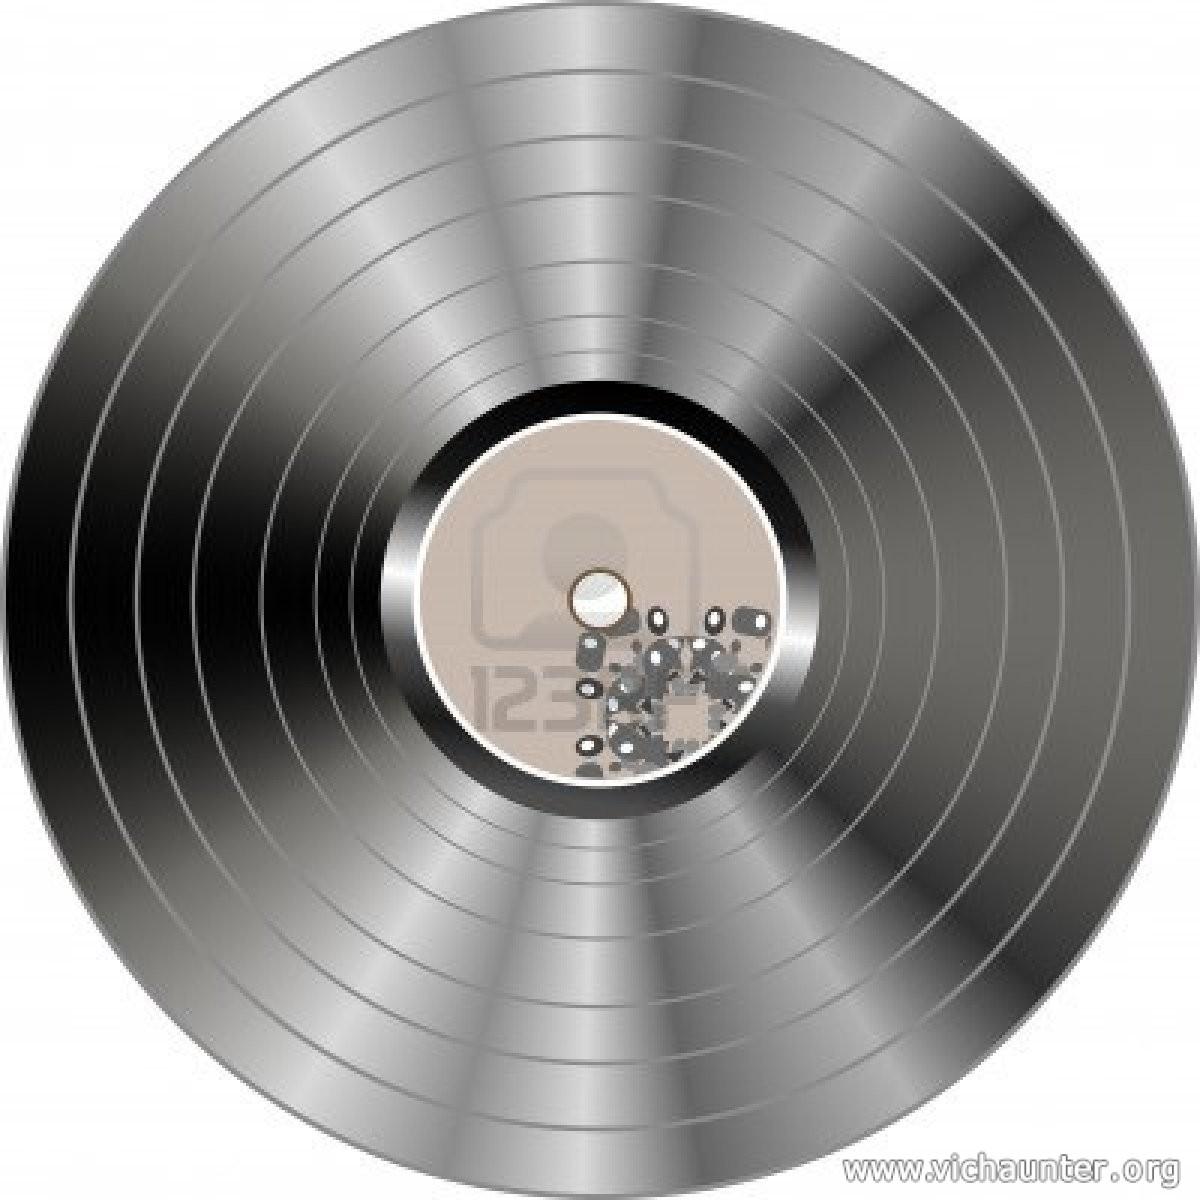 14433900-registro-de-lp-de-vinilo-negro-en-el-disco-disco-aislado-en-blanco